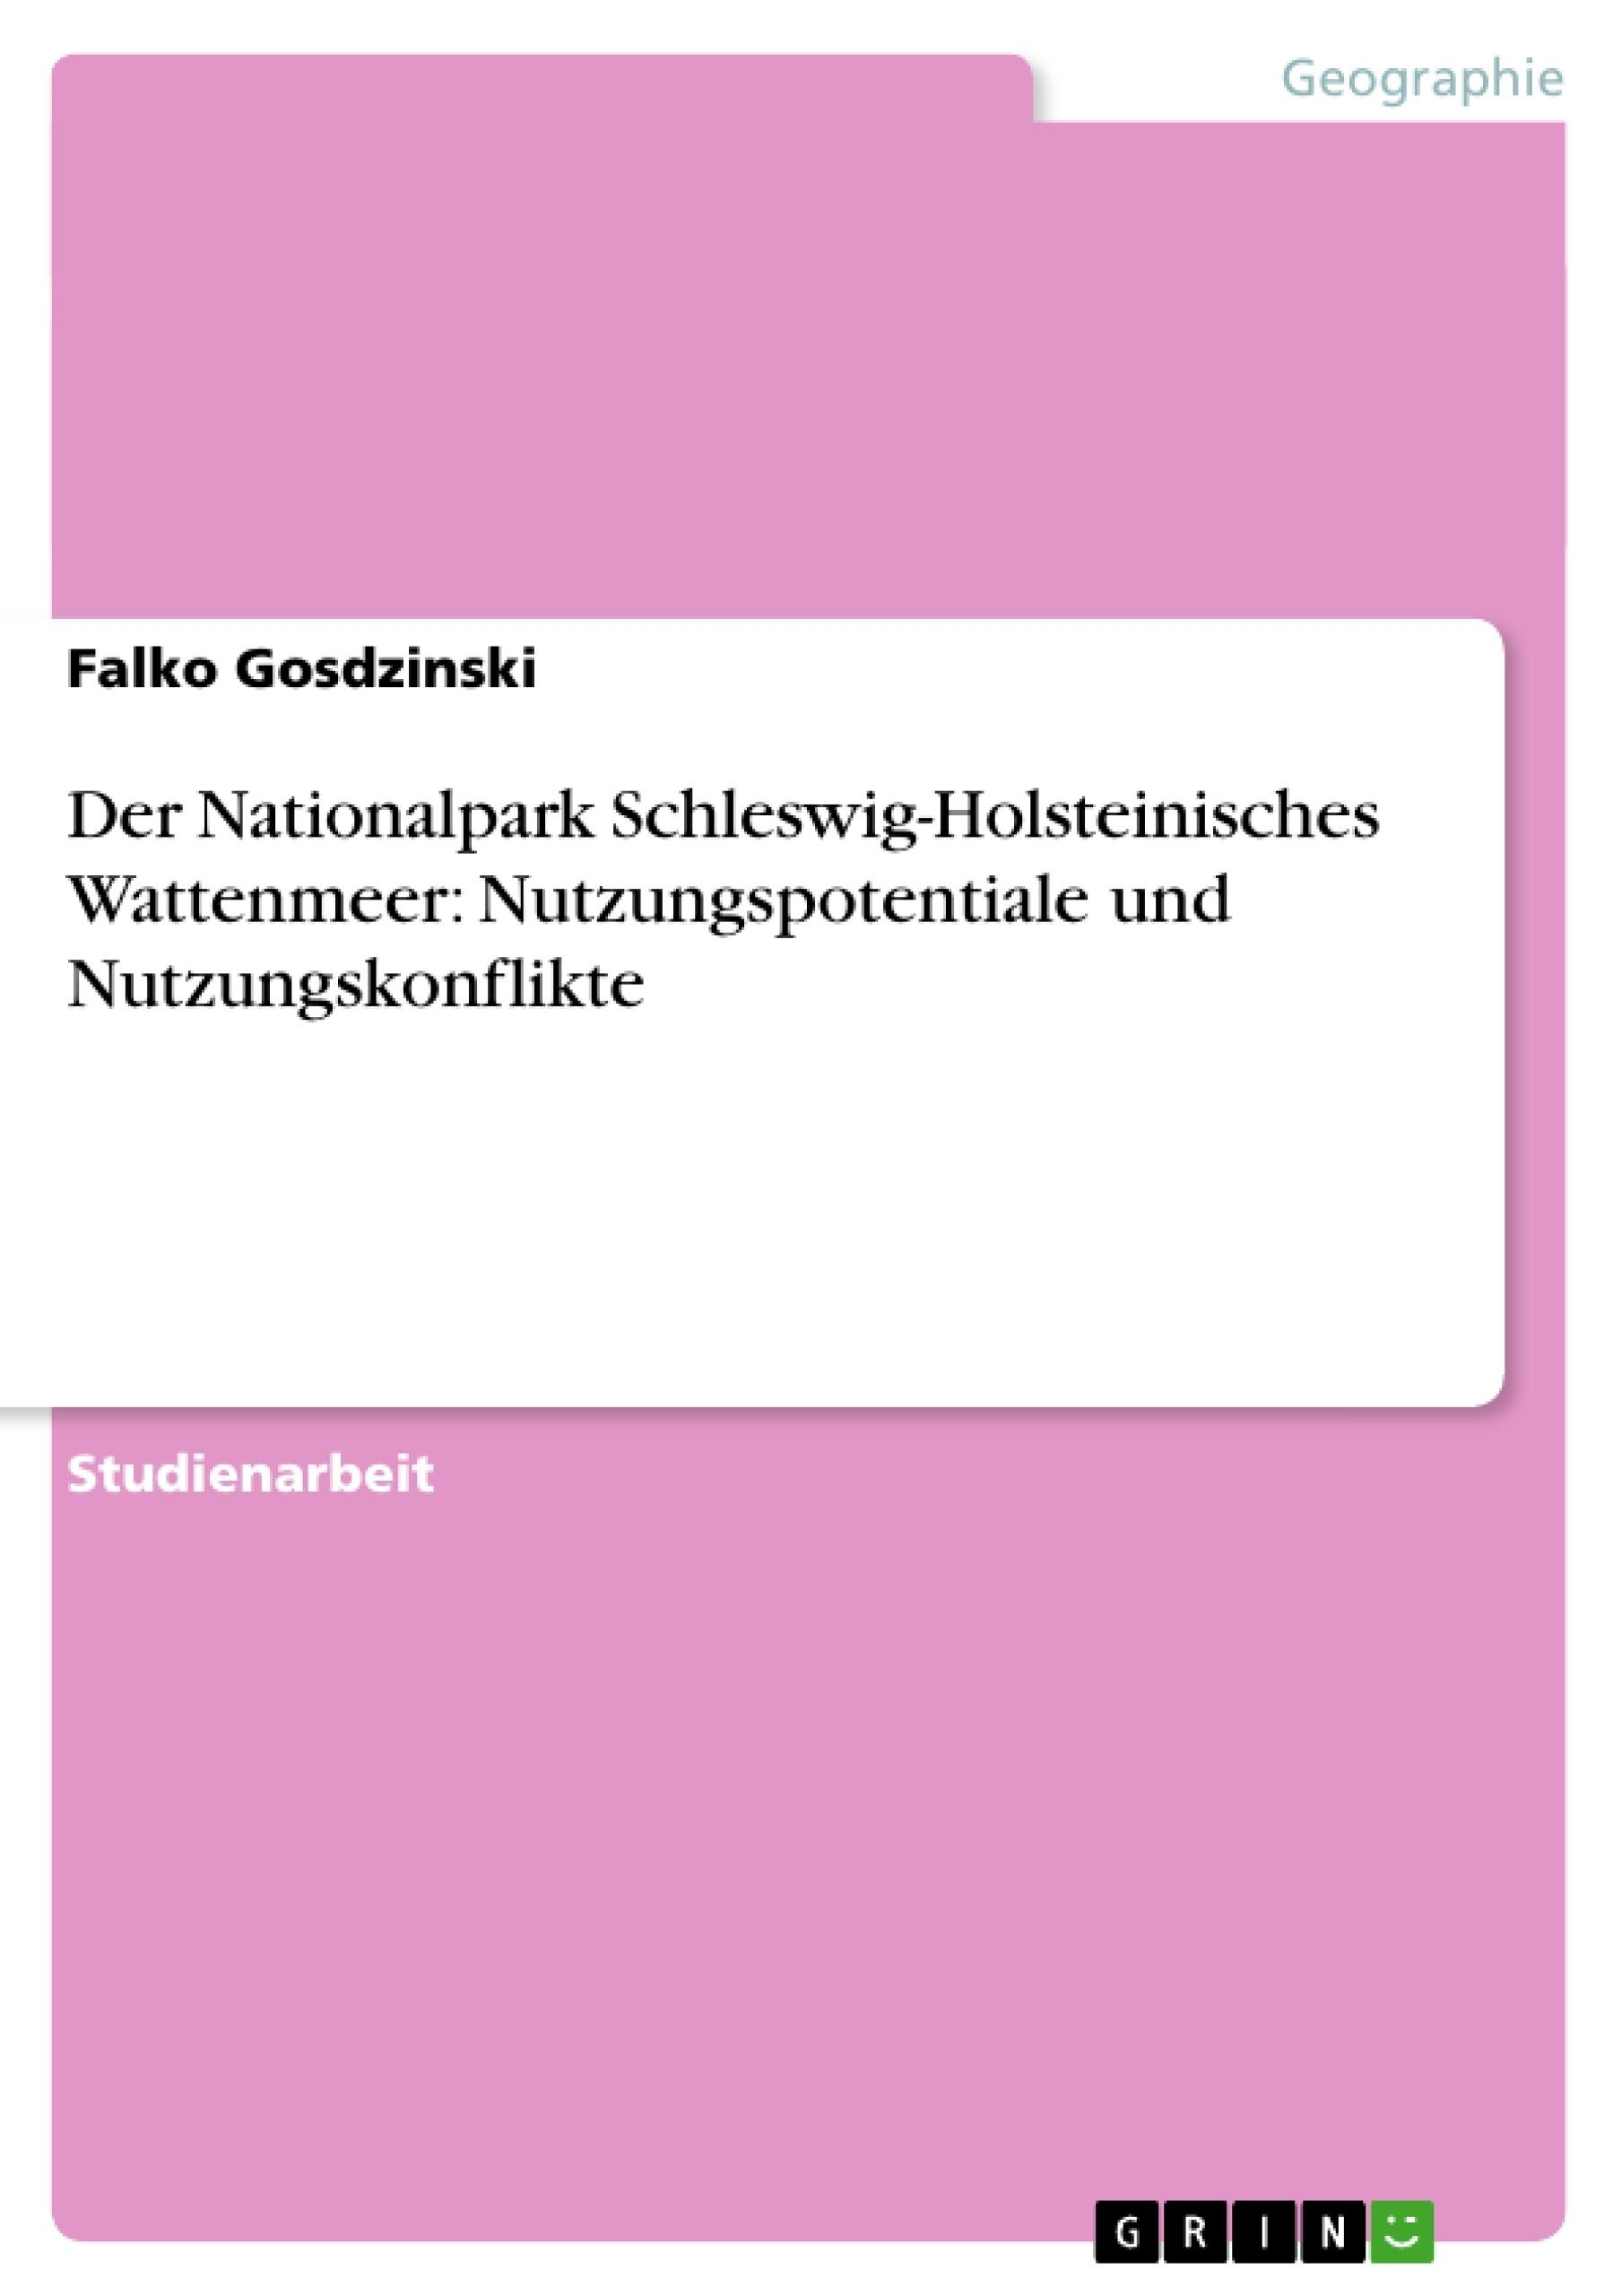 Titel: Der Nationalpark Schleswig-Holsteinisches Wattenmeer: Nutzungspotentiale und Nutzungskonflikte